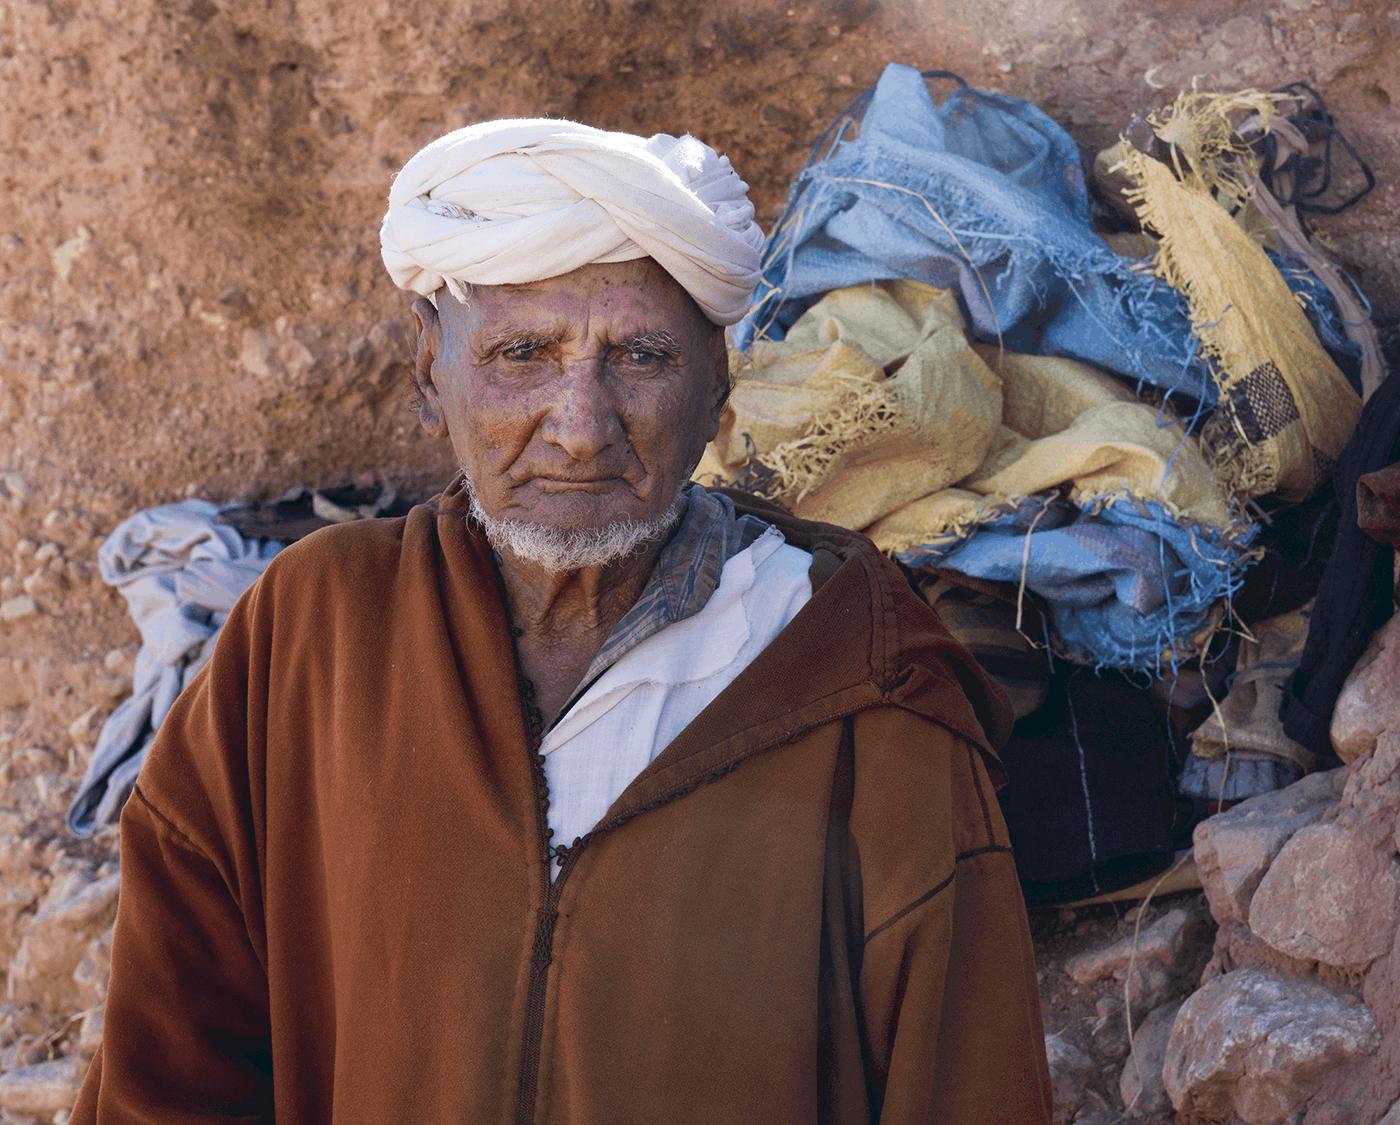 Cave Dweller, Atlas mountains, near Marrakech